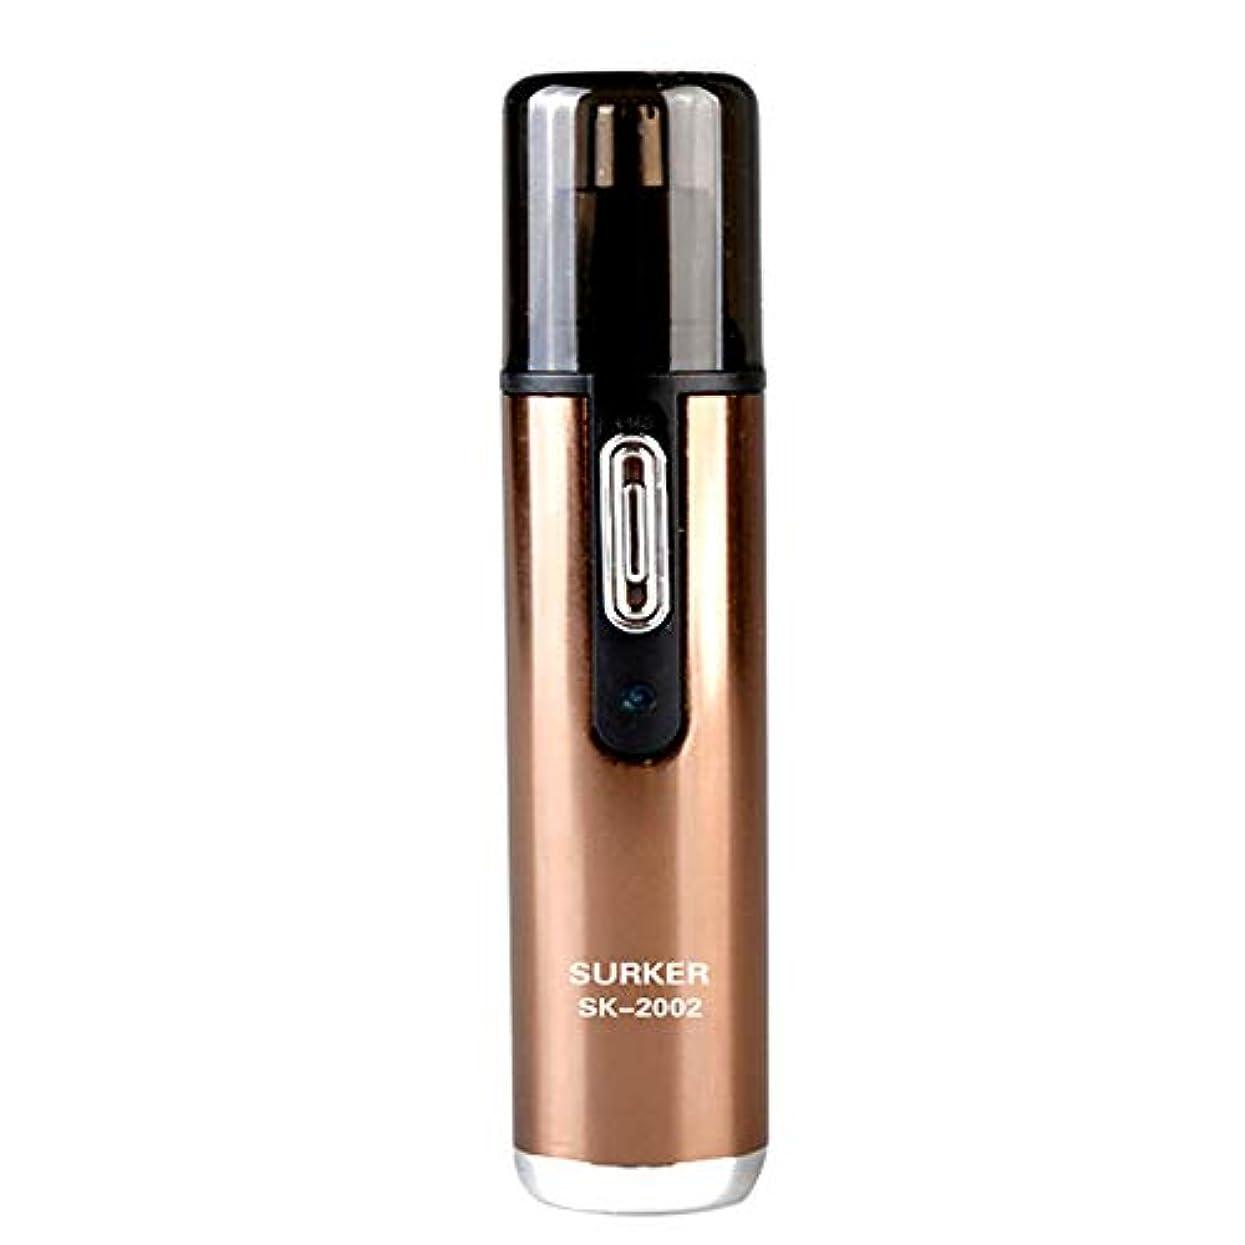 誰騙す長いです鼻のヘアトリマーは使いやすいです男性と女性のための50 dB以下の内部360°回転でノイズのある明るいLEDライトで、保護カバーで掃除しやすいです